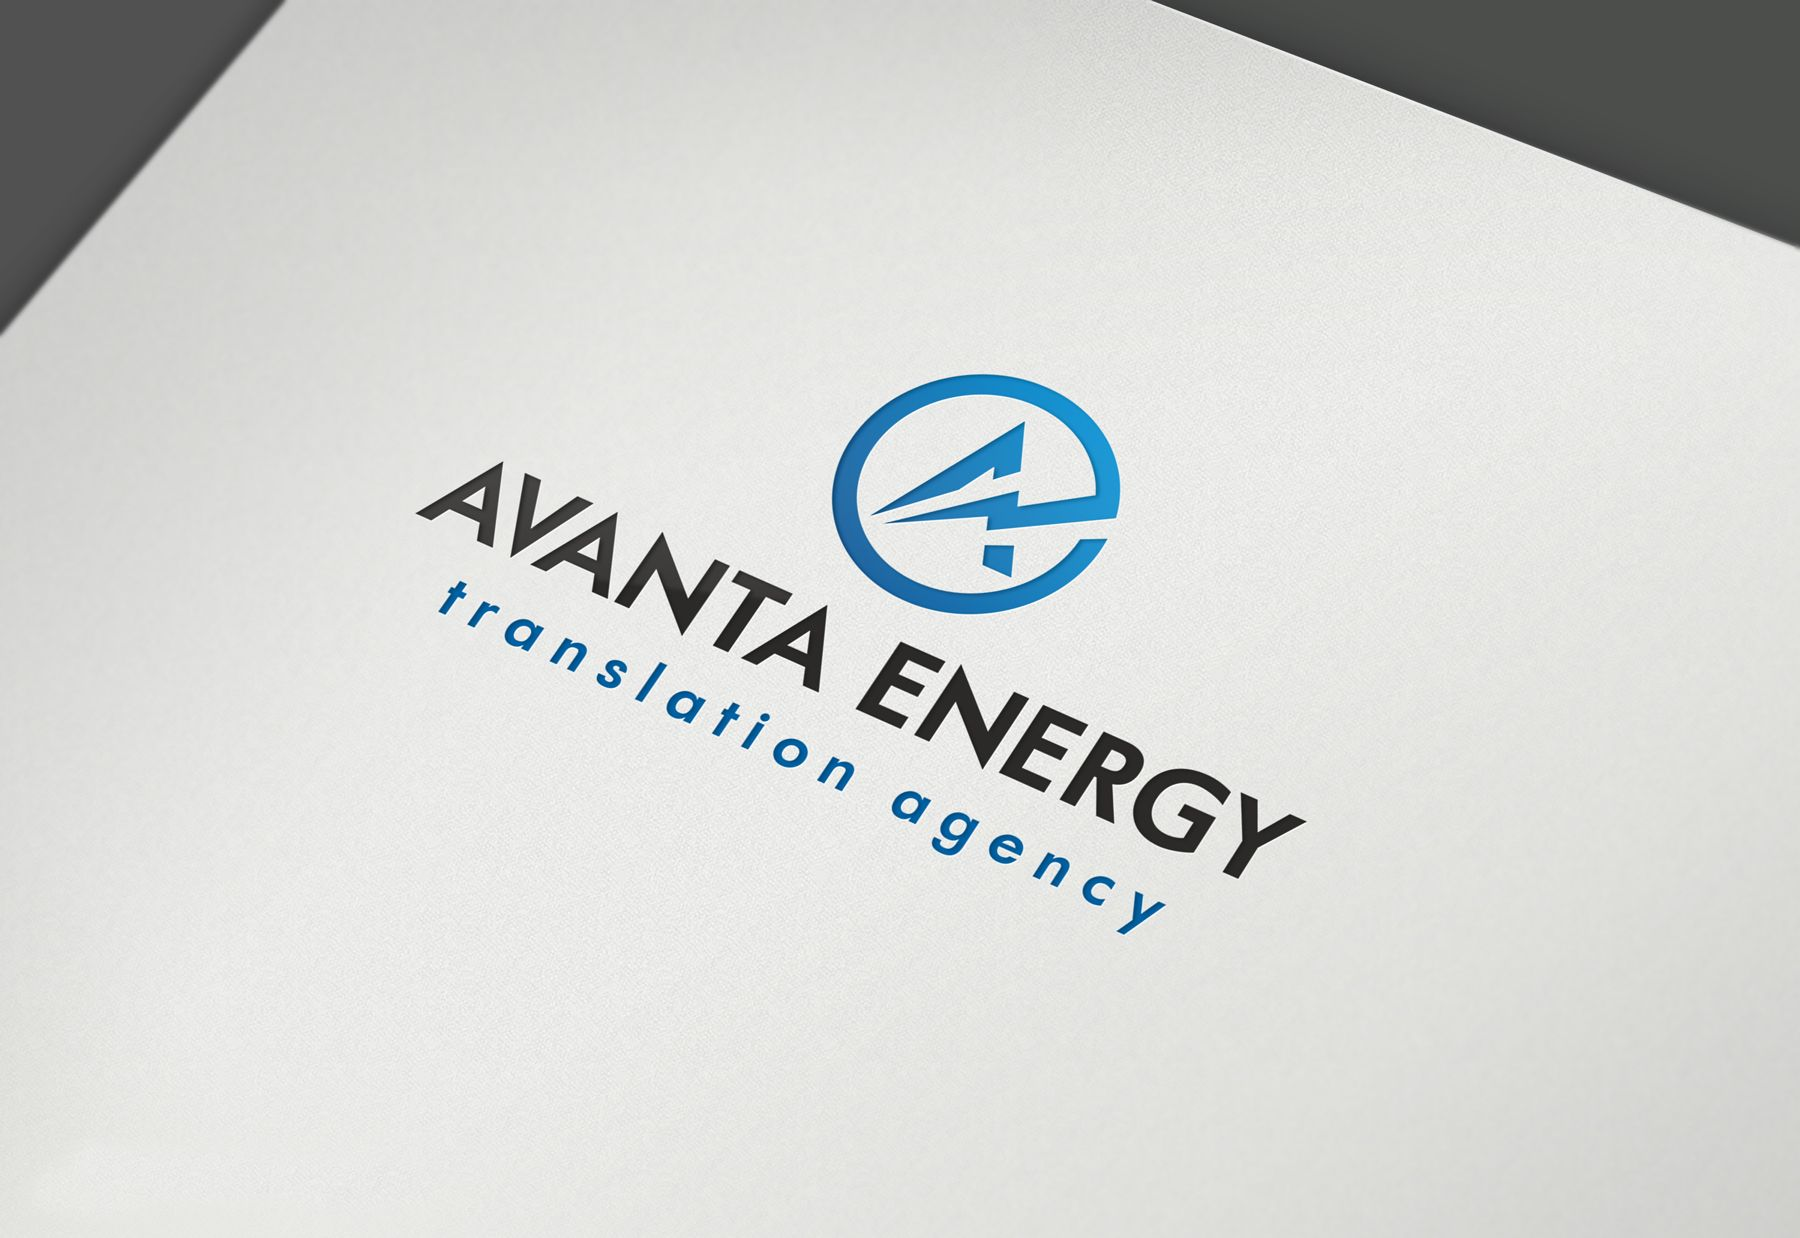 Фирмстиль + лого для переводческой компании - дизайнер Alexey_SNG